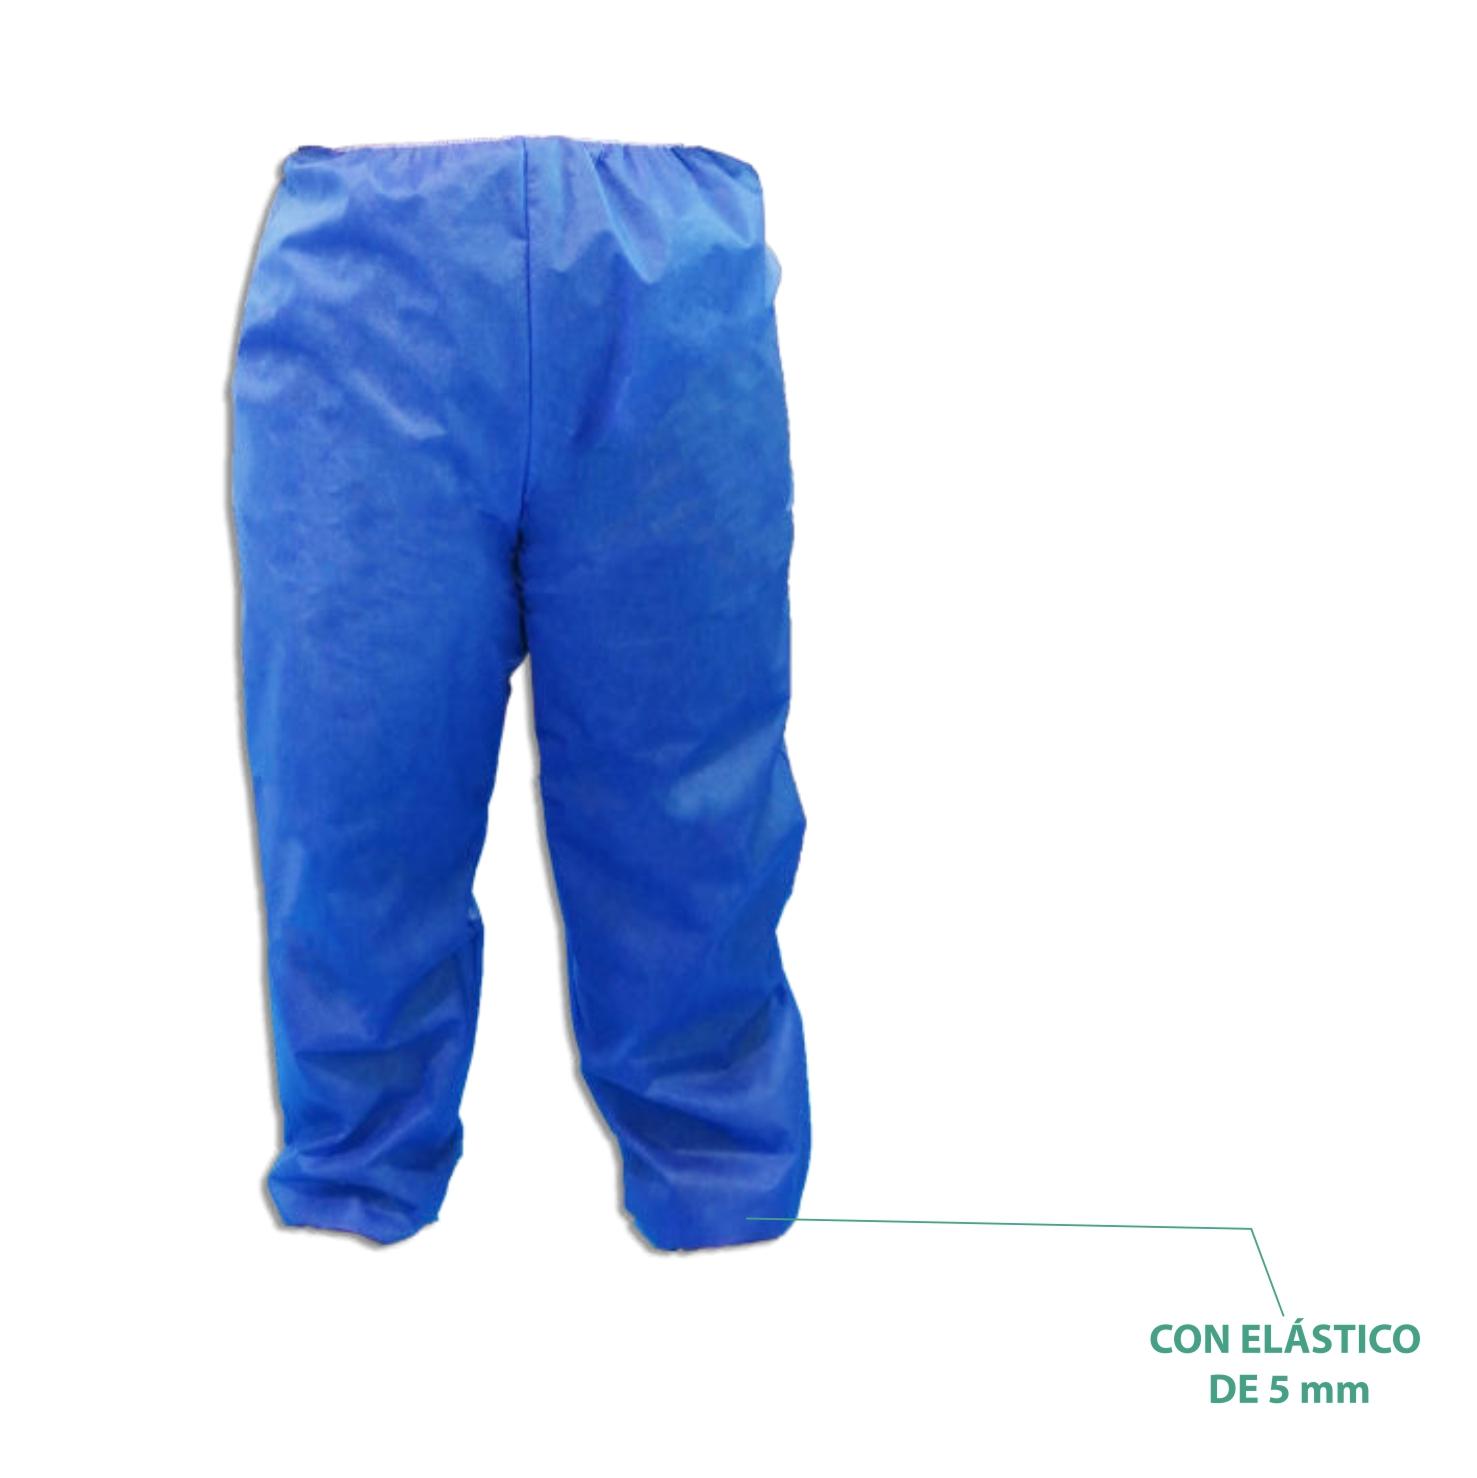 Pantalon En Tela No Tejida Sms De Polipropileno Biomedic Central S A S